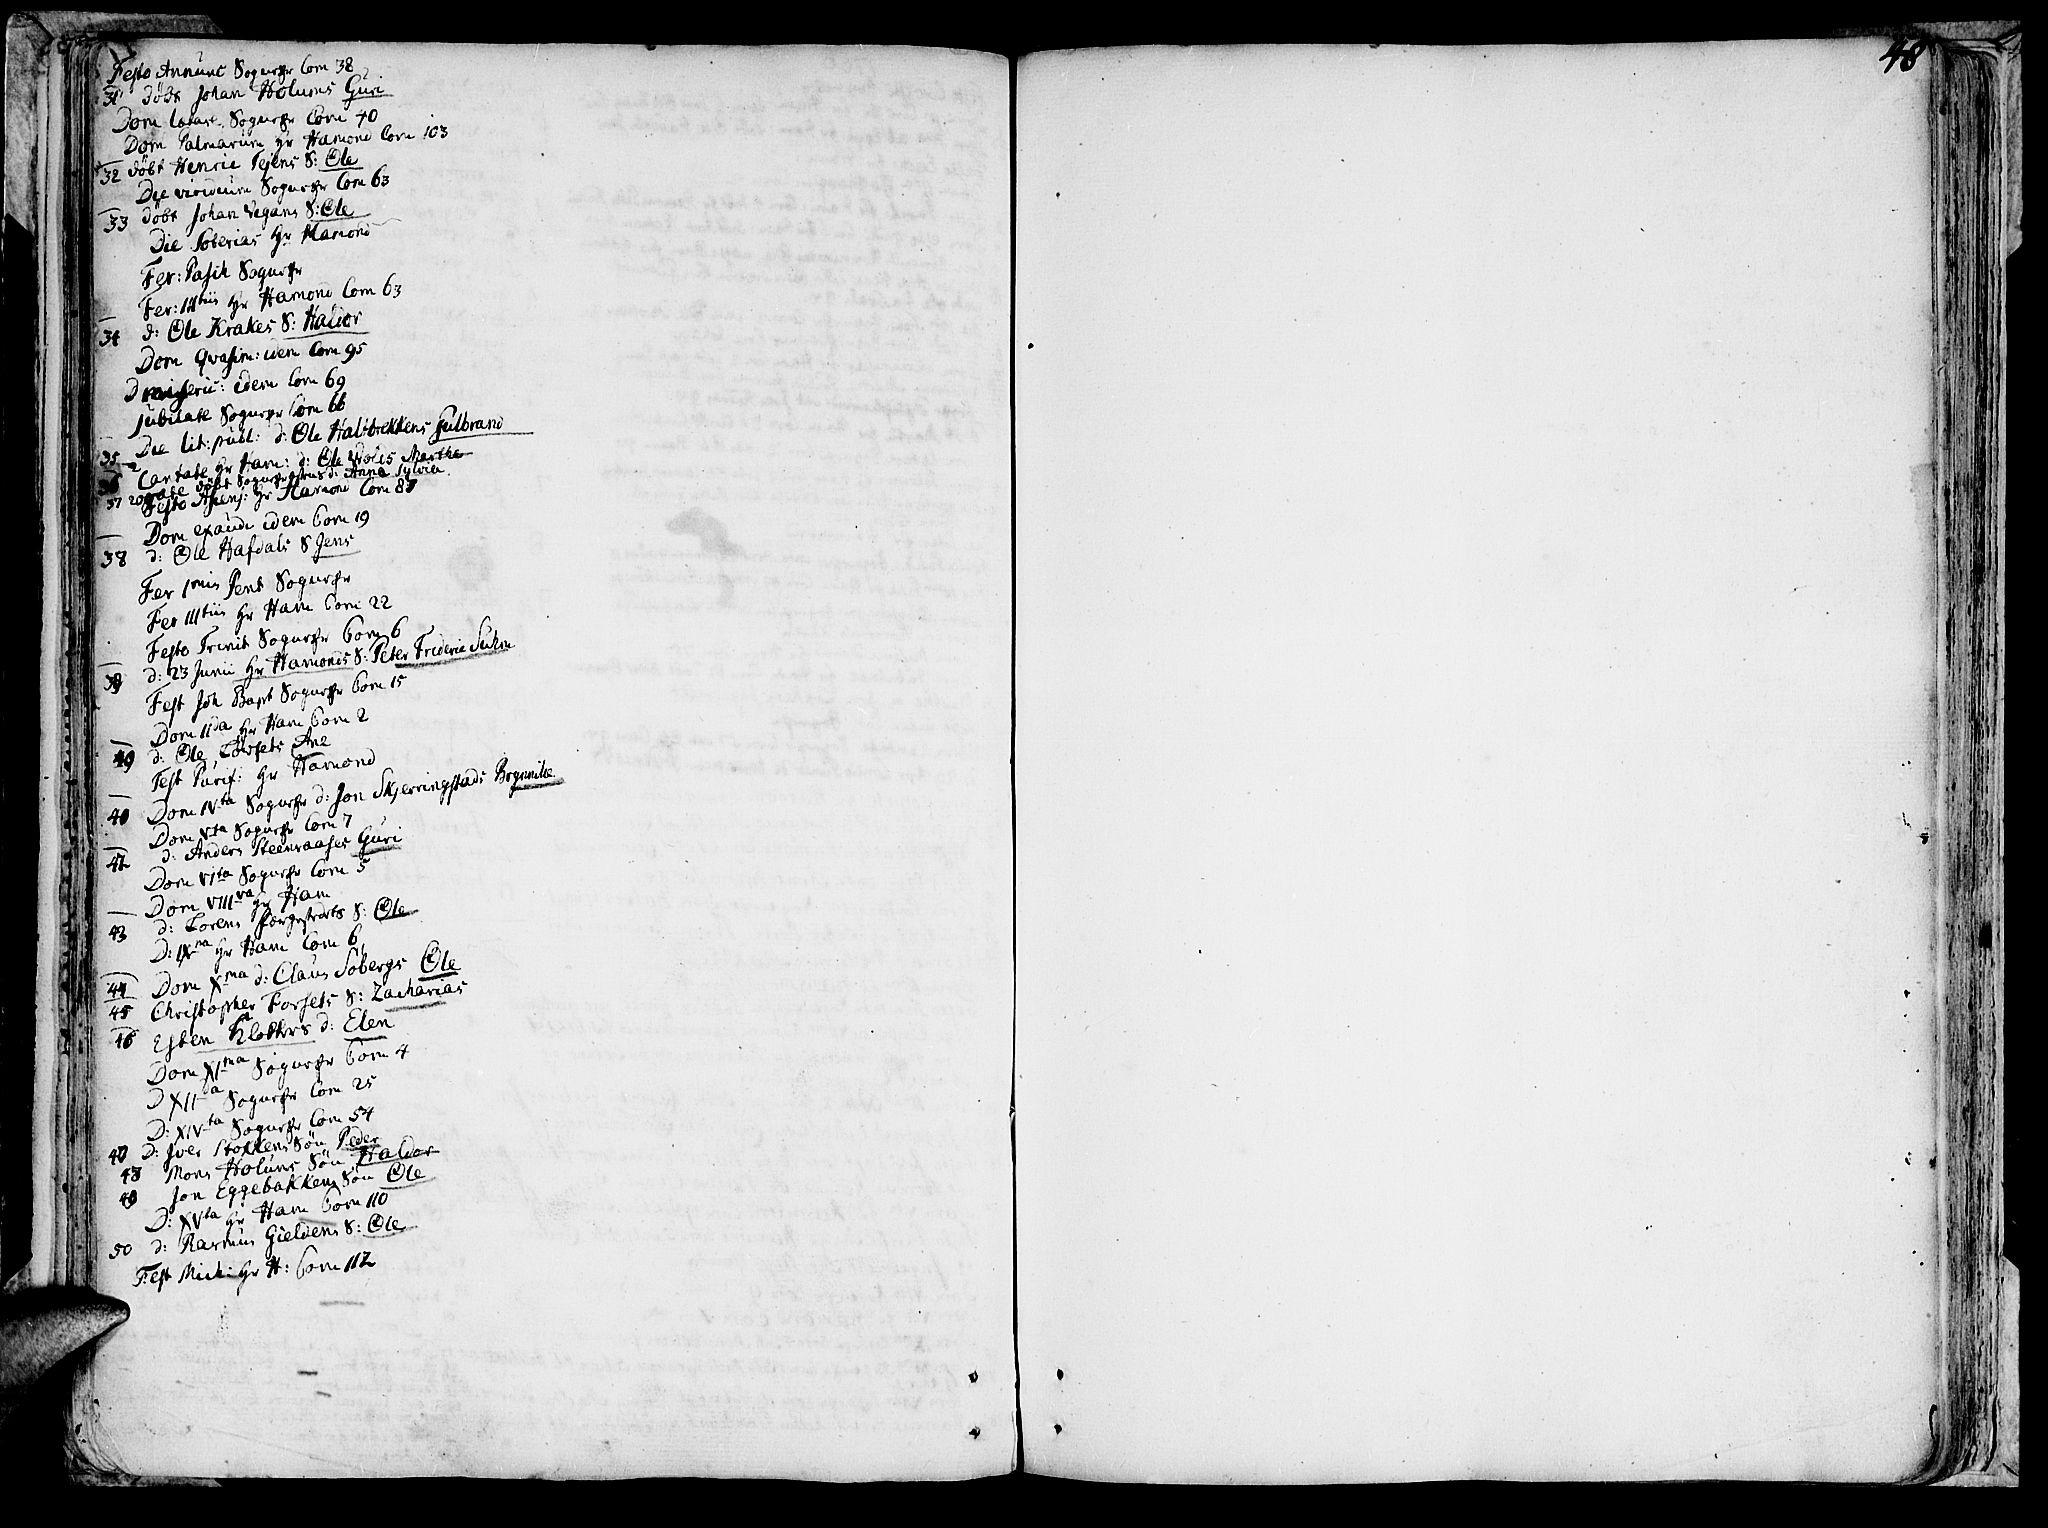 SAT, Ministerialprotokoller, klokkerbøker og fødselsregistre - Sør-Trøndelag, 691/L1057: Ministerialbok nr. 691A01 /1, 1740-1767, s. 48